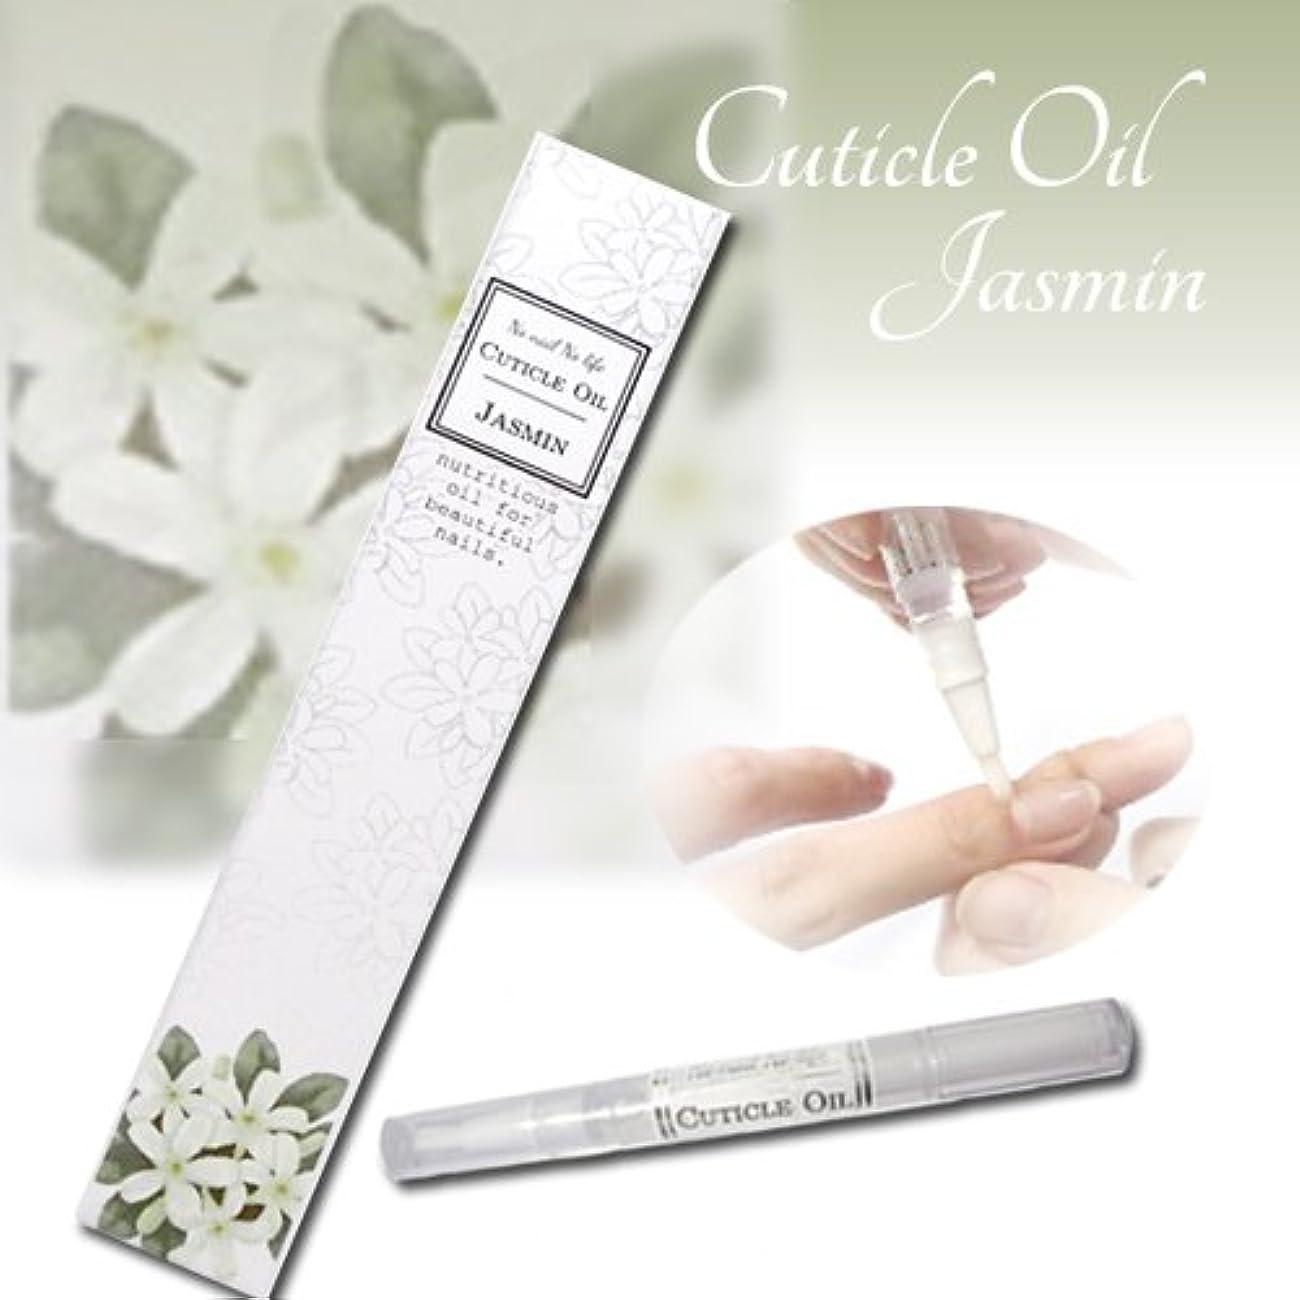 気になる毎回に応じてネイルオイル ペンタイプ 改良型 ジャスミン の香り 1本